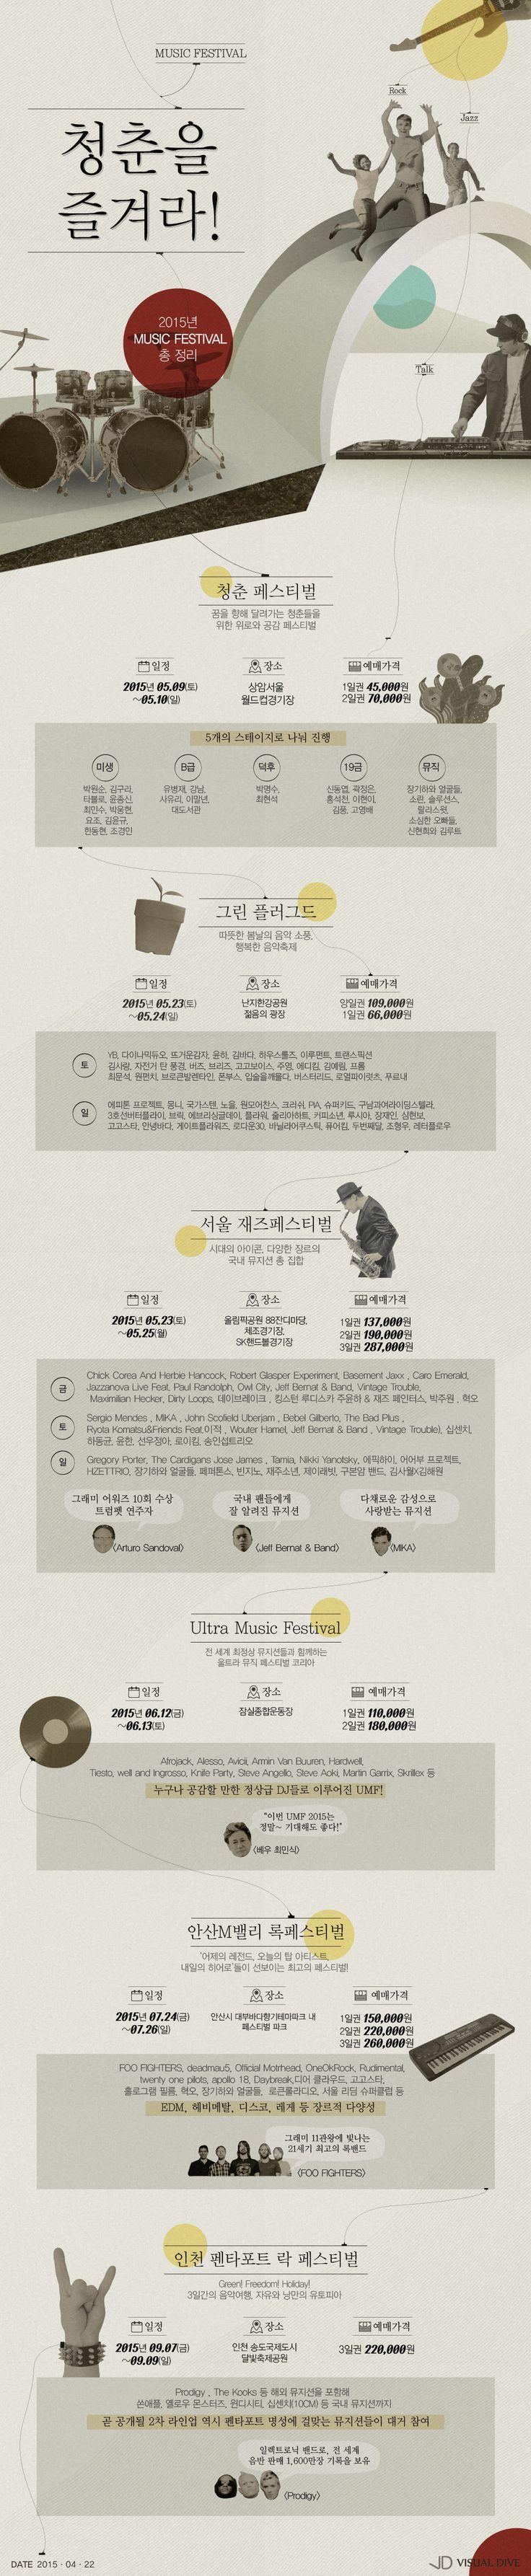 음악의 '지존'들이 몰려온다! [인포그래픽] #music festival / #Infographic ⓒ 비주얼다이브 무단 복사·전재·재배포 금지